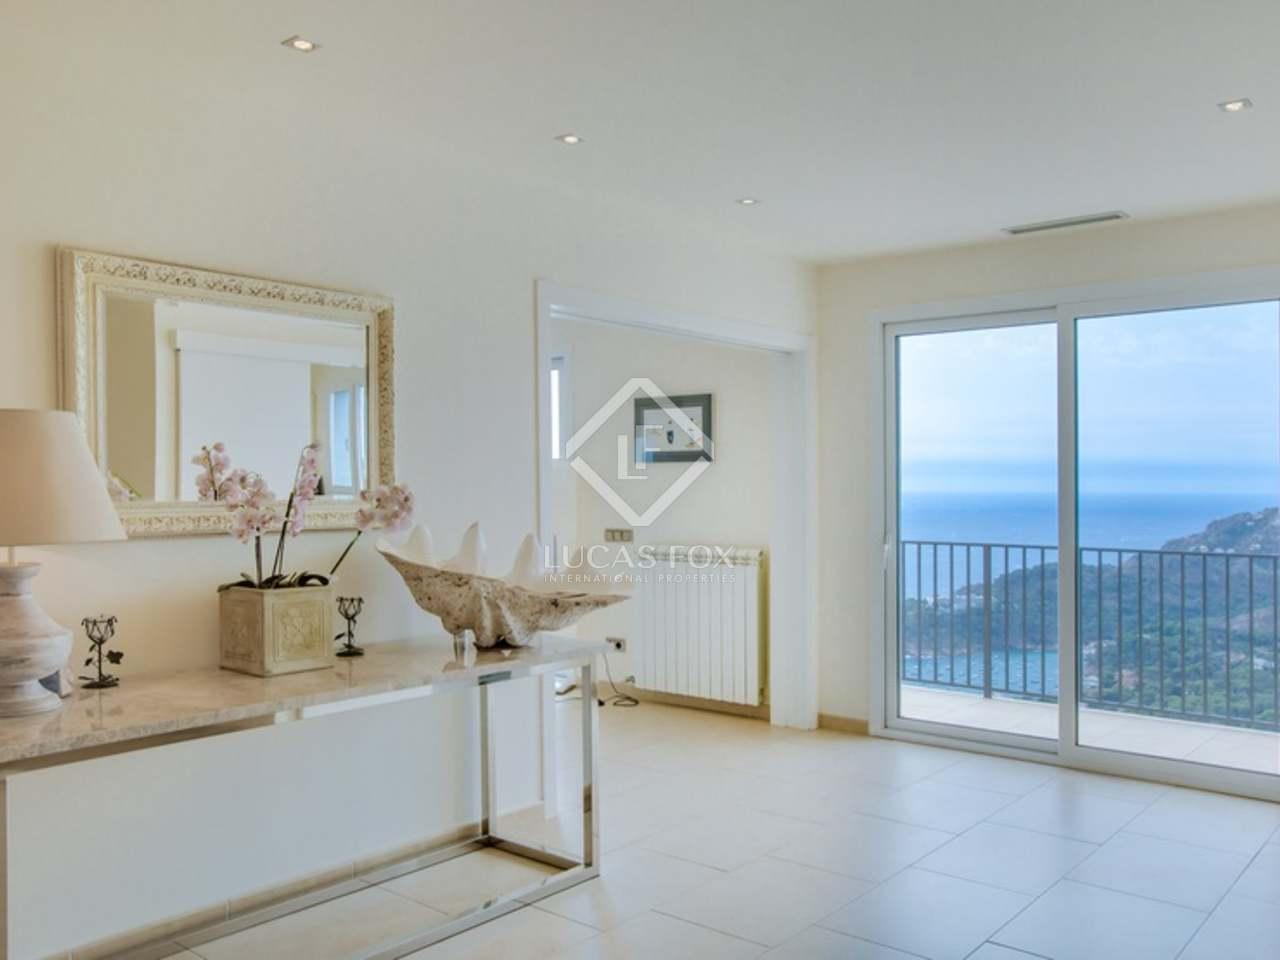 Villa de luxe en vente aiguablava dans la costa brava for Vente privee chambre a coucher